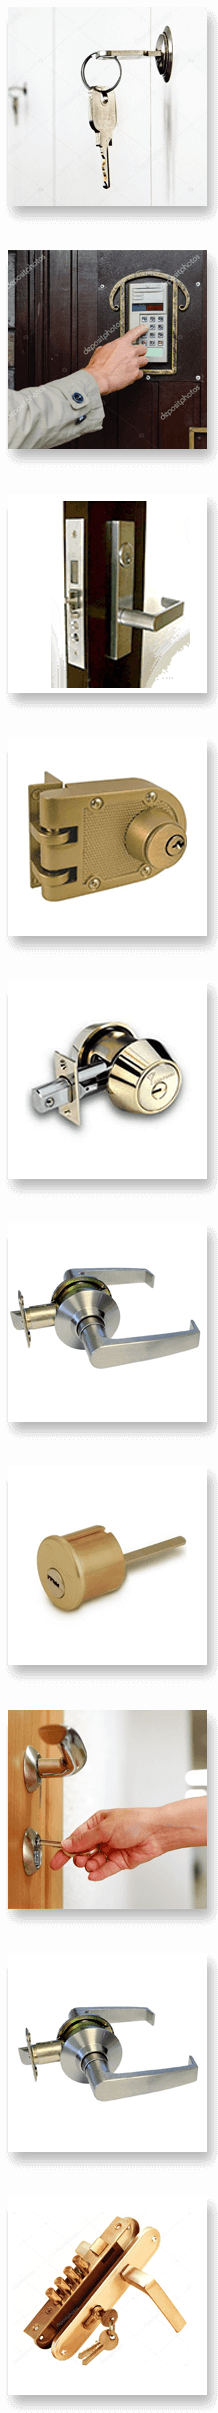 Mobile - Commercial Locks